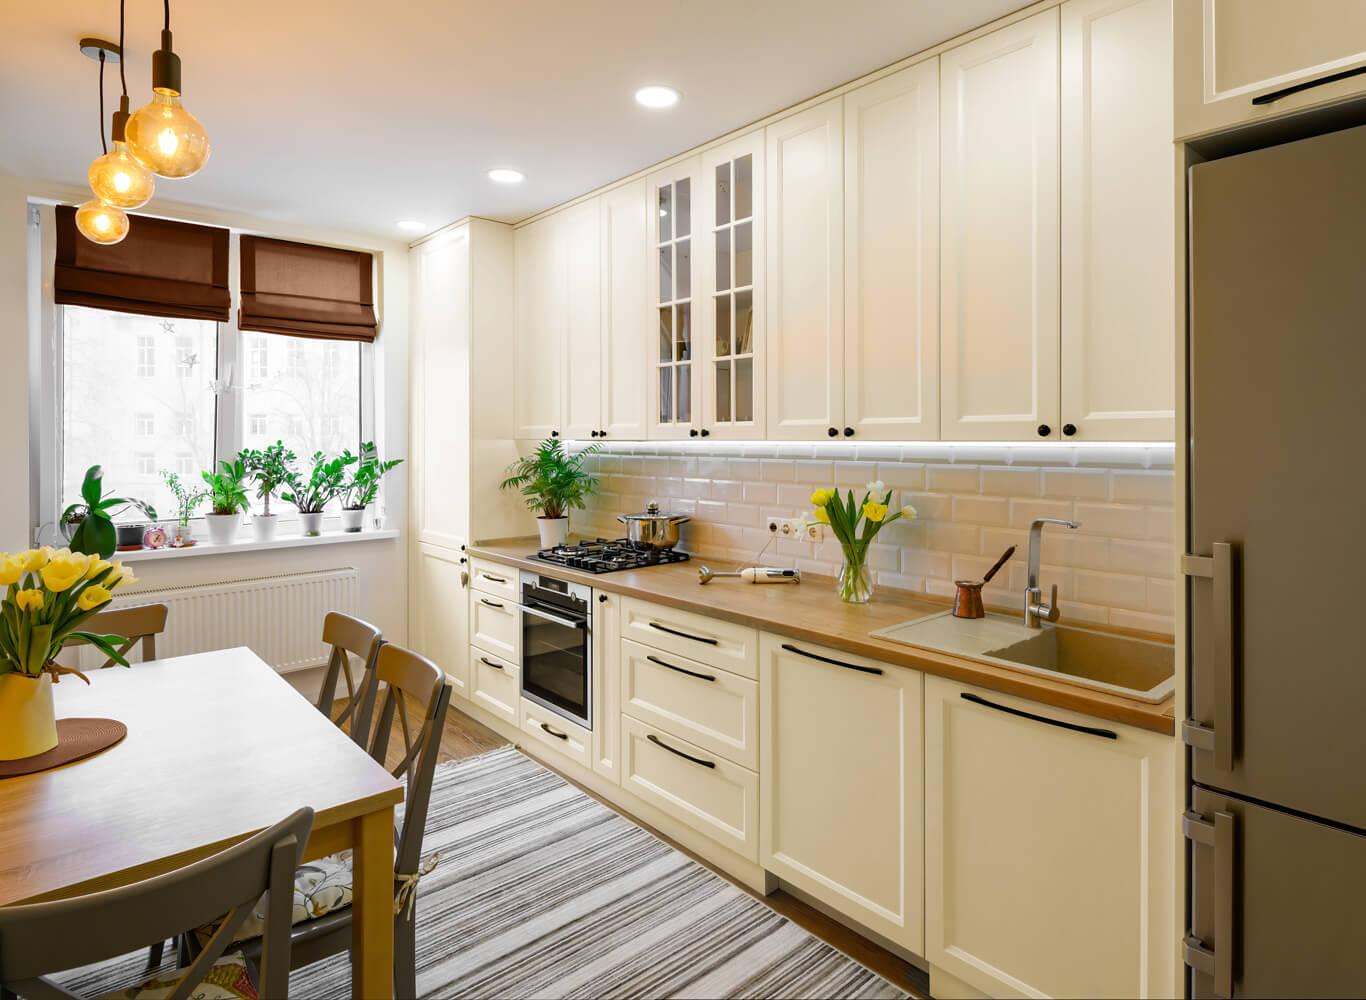 Waniliowe meble kuchenne jaki kolor ścian?